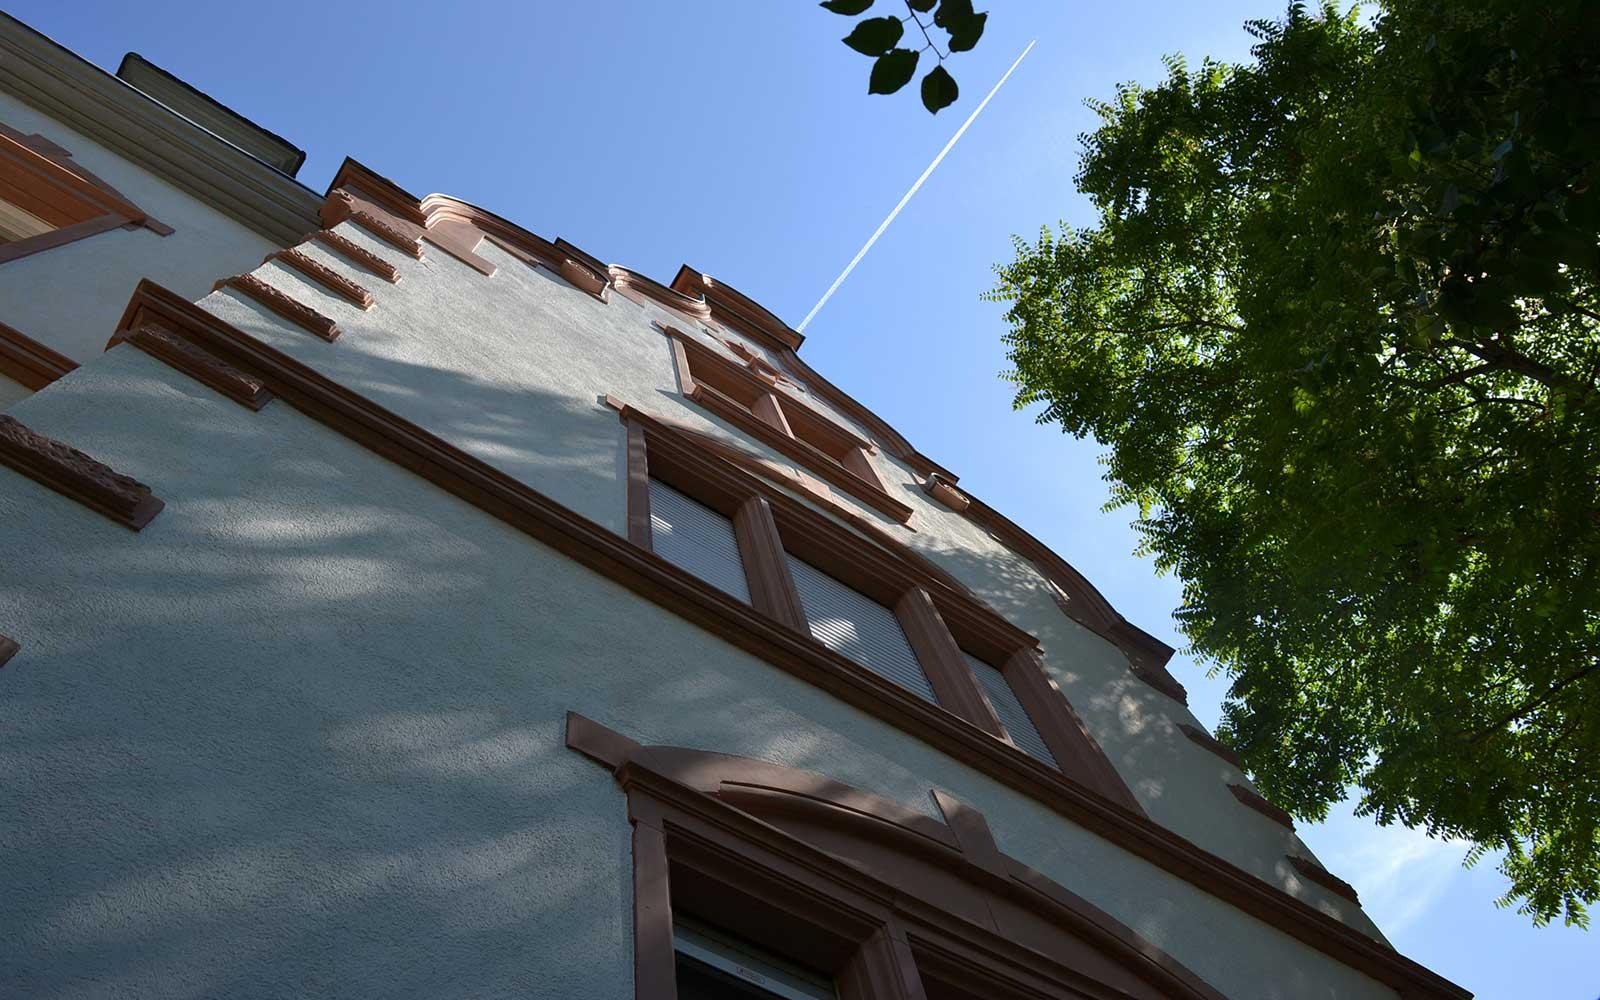 Altbausanierung in der Weststadt Heidelberg, Kochhan und Weckbach Architekten Heidelberg